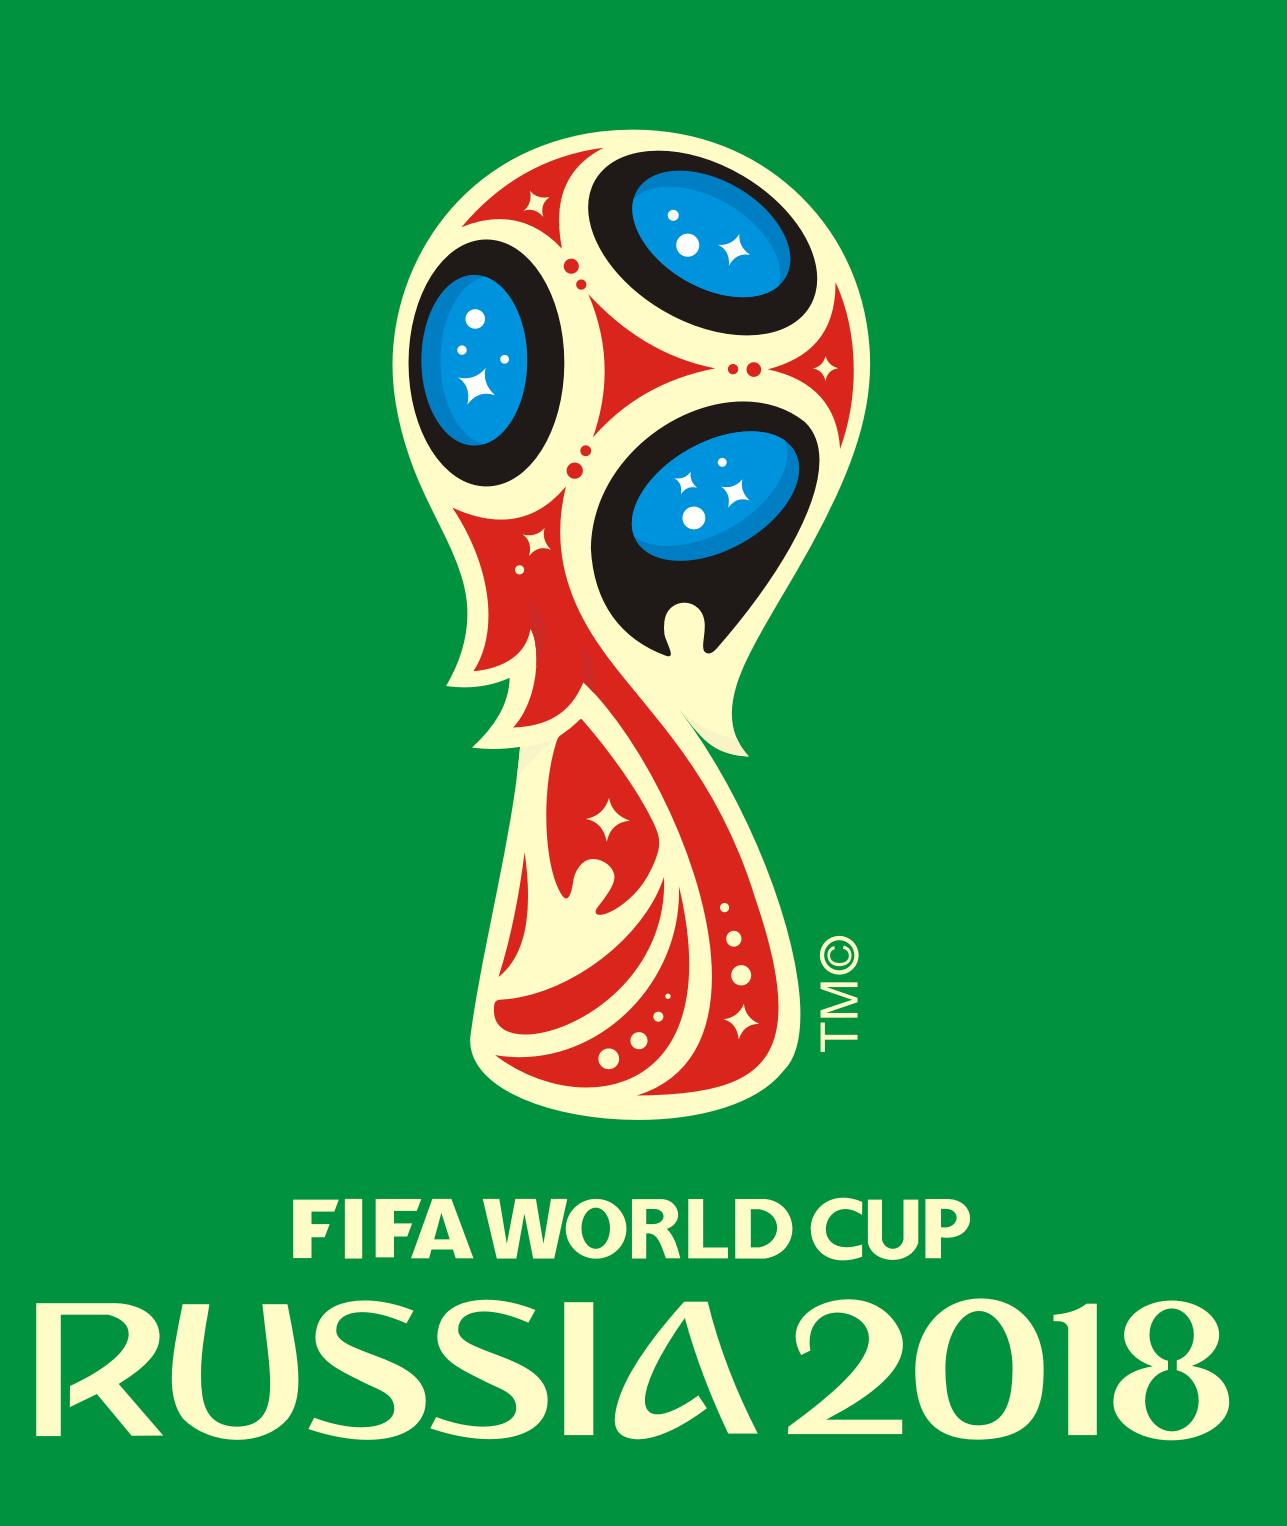 Logo Resmi Piala Dunia Fifa  Rusia Free Vector Cdr